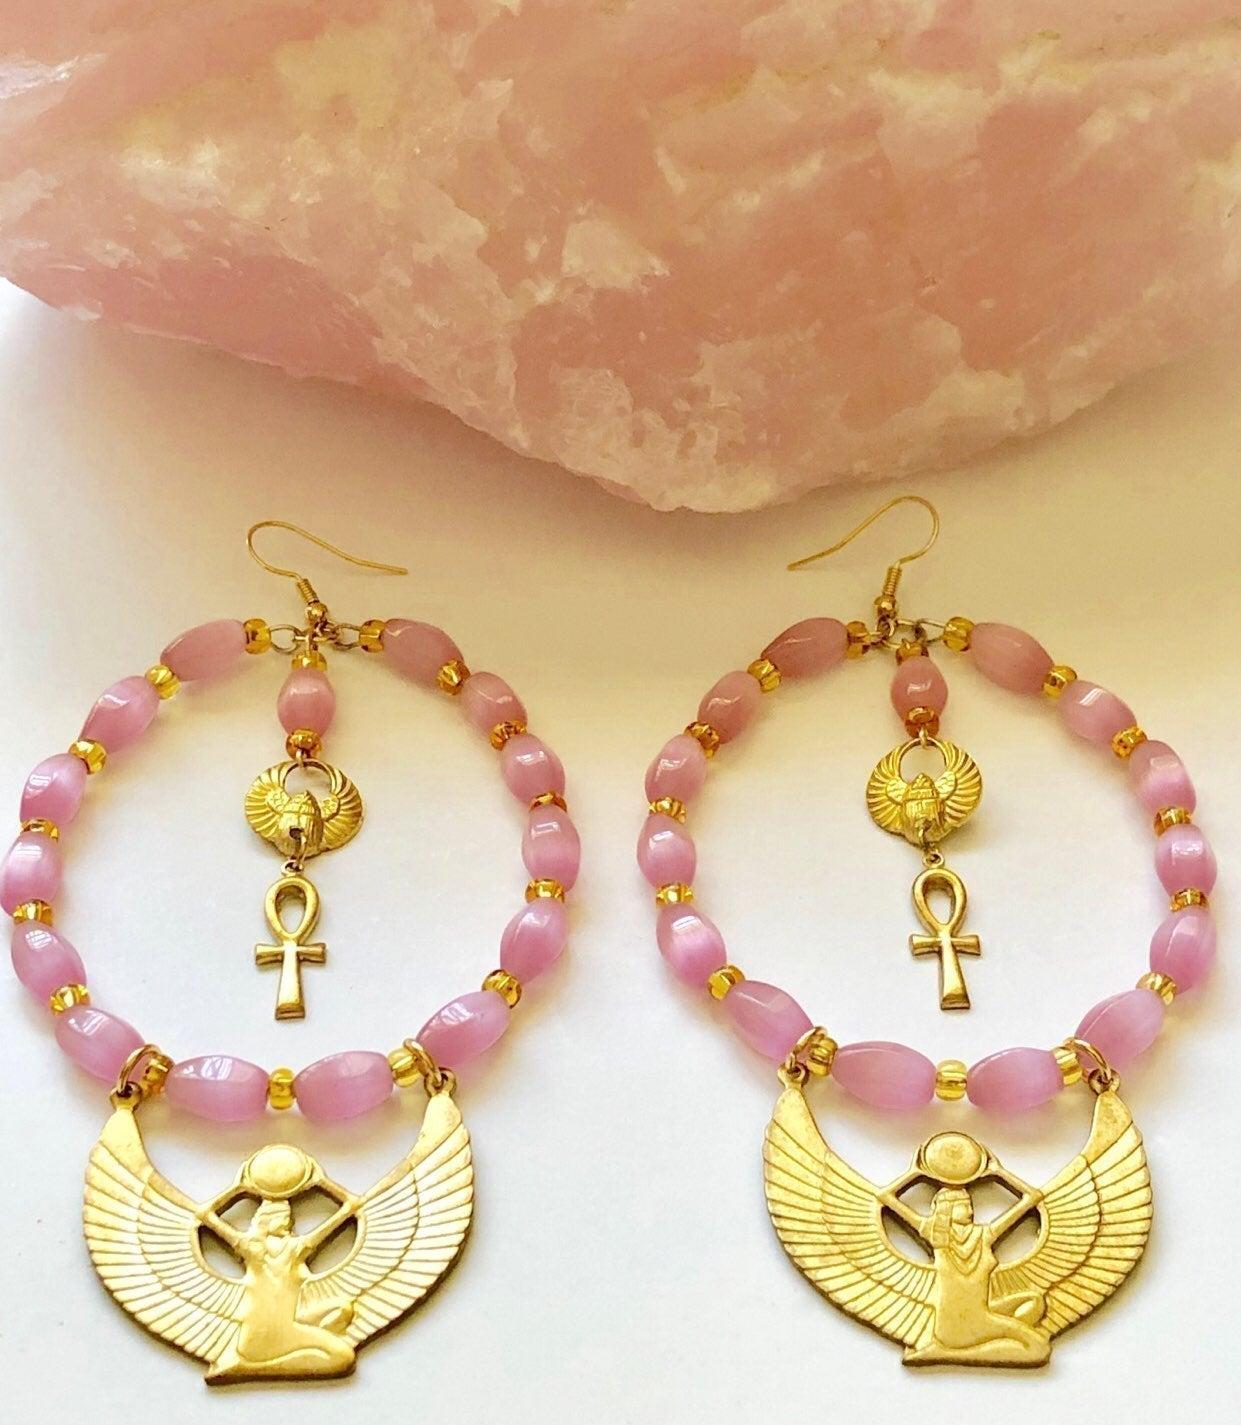 Isis Goddess Earrings